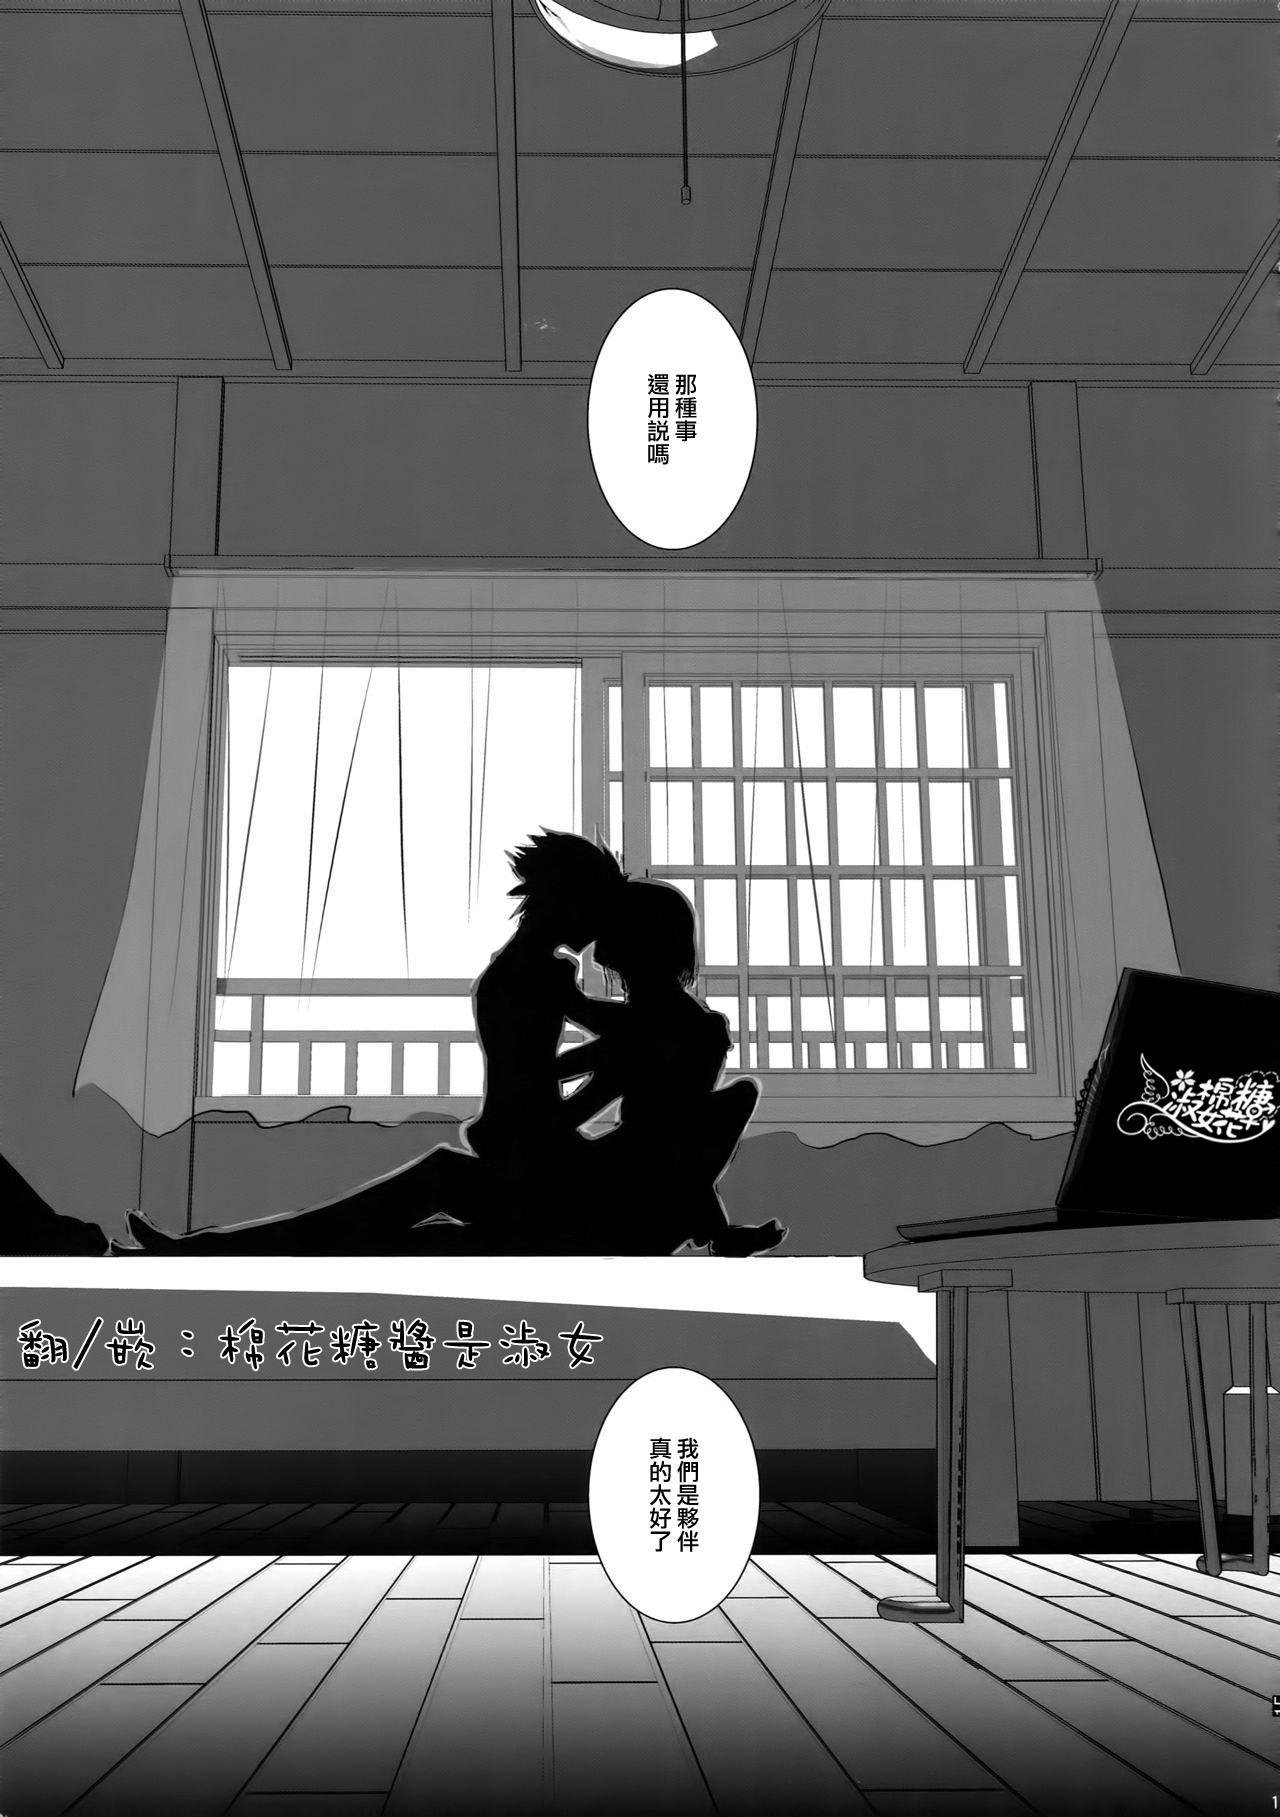 Hokubei-ban Erik ga Ecchi Sugiru node Boku no Camus mo Ecchi ni Chigainai 15